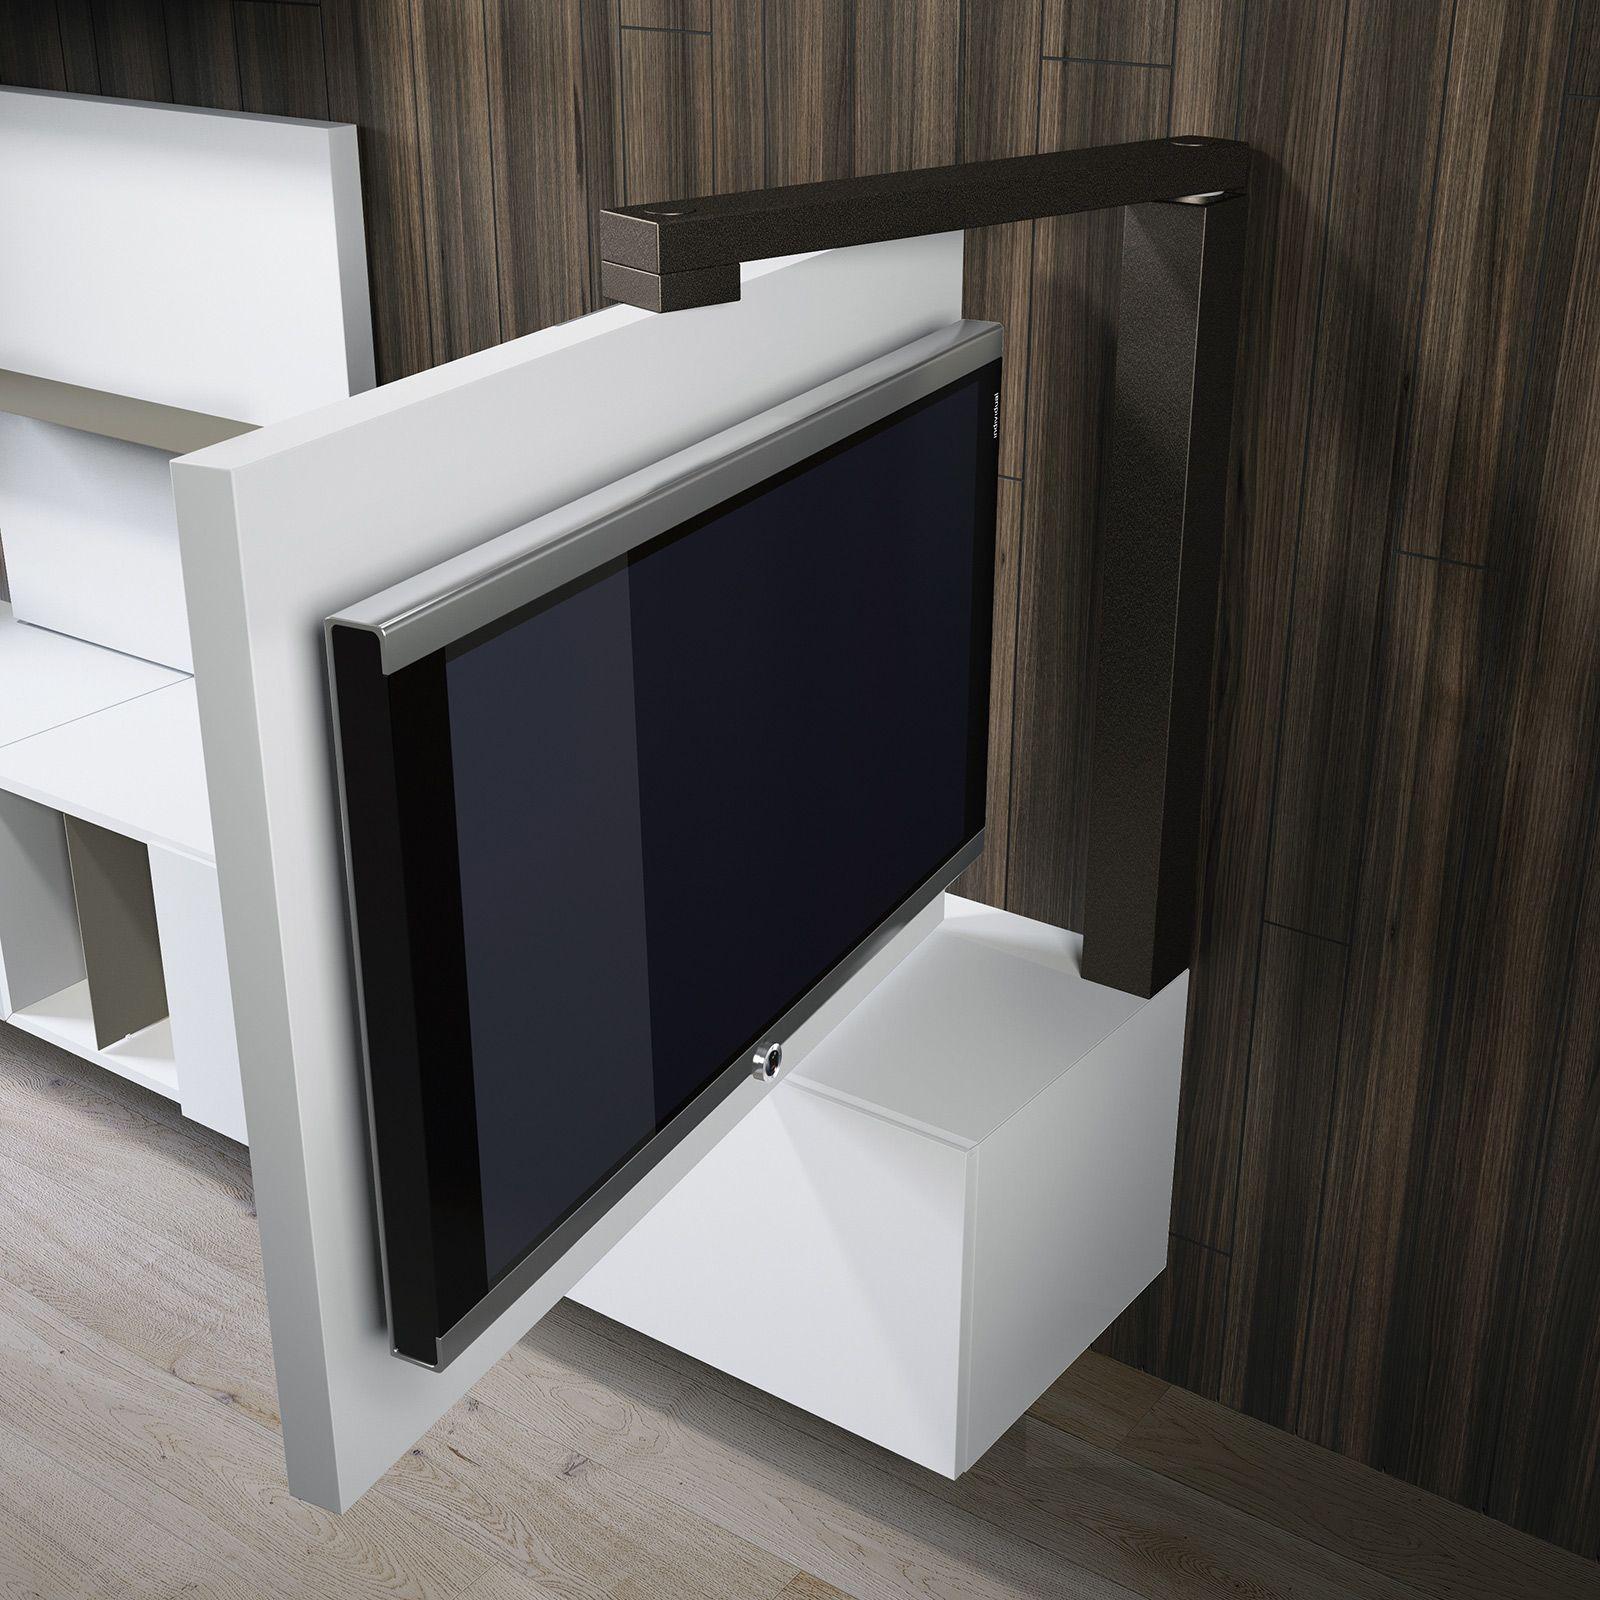 porta tv orientabile girevole full 360 - dettaglio prodotto ... - Soggiorno Tv Orientabile 2